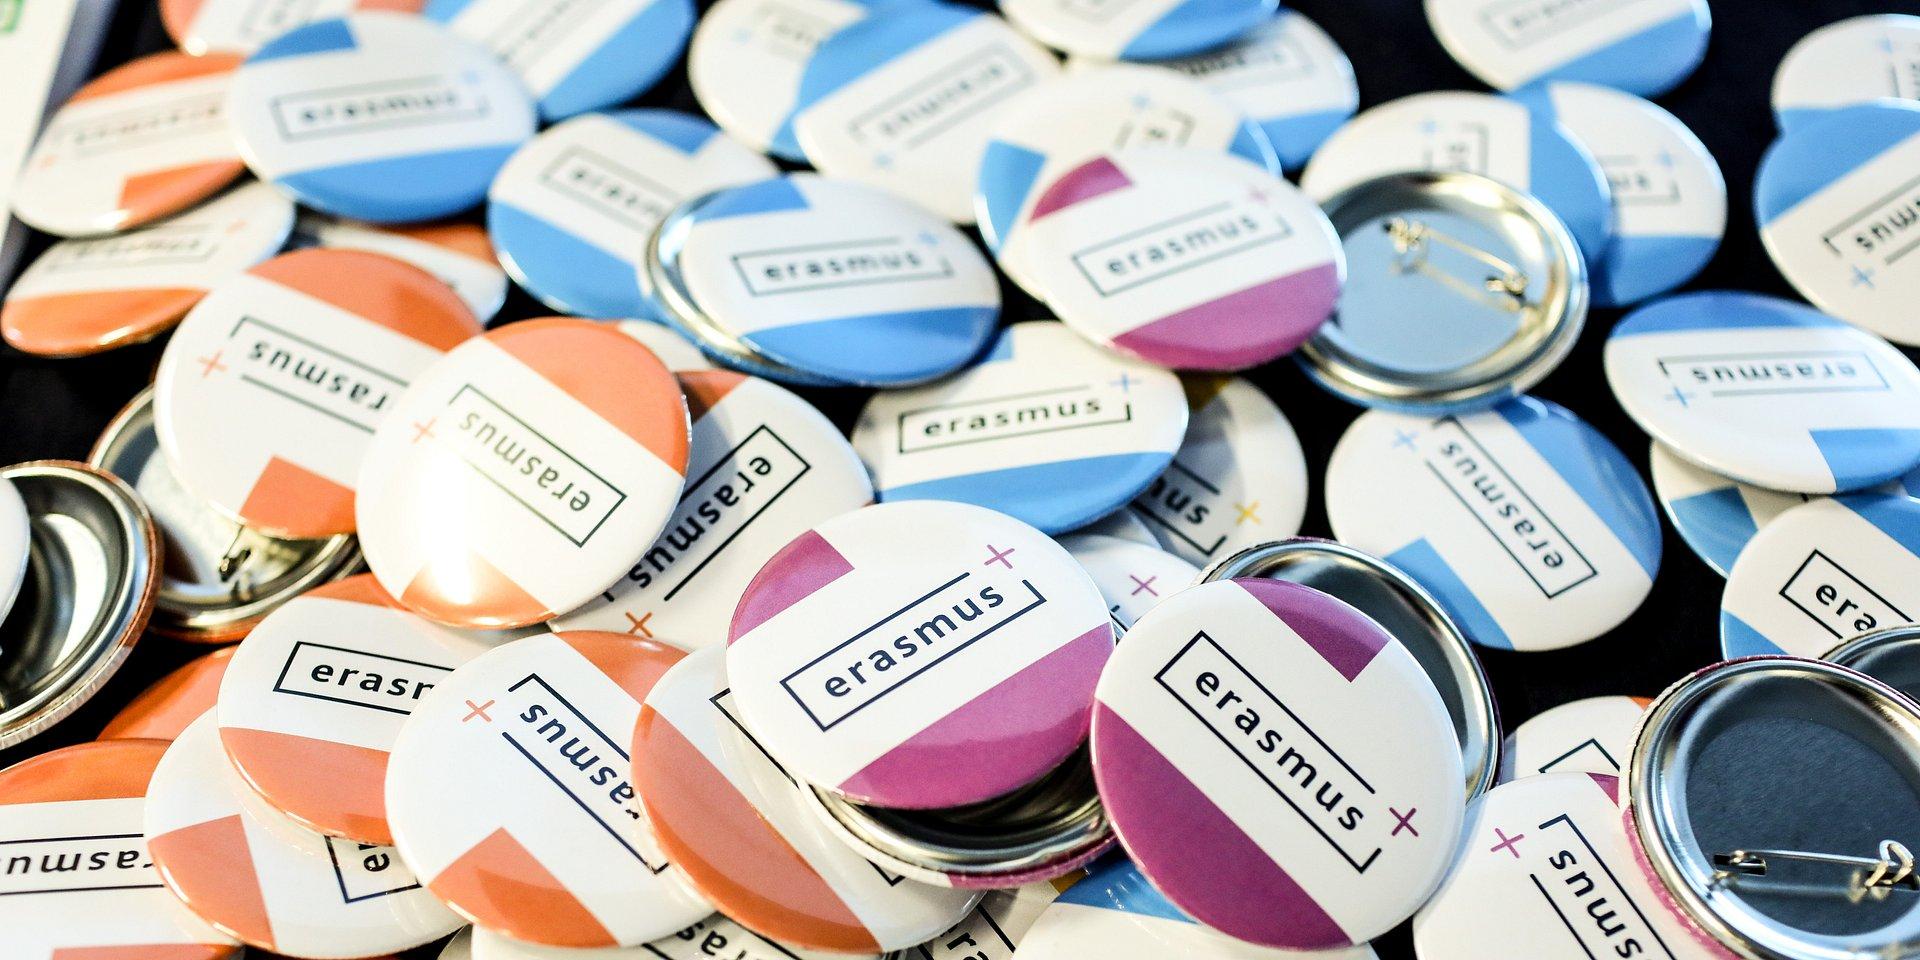 Ogólnopolski Dzień Informacyjny Programu Erasmus+ i Europejskiego Korpusu Solidarności